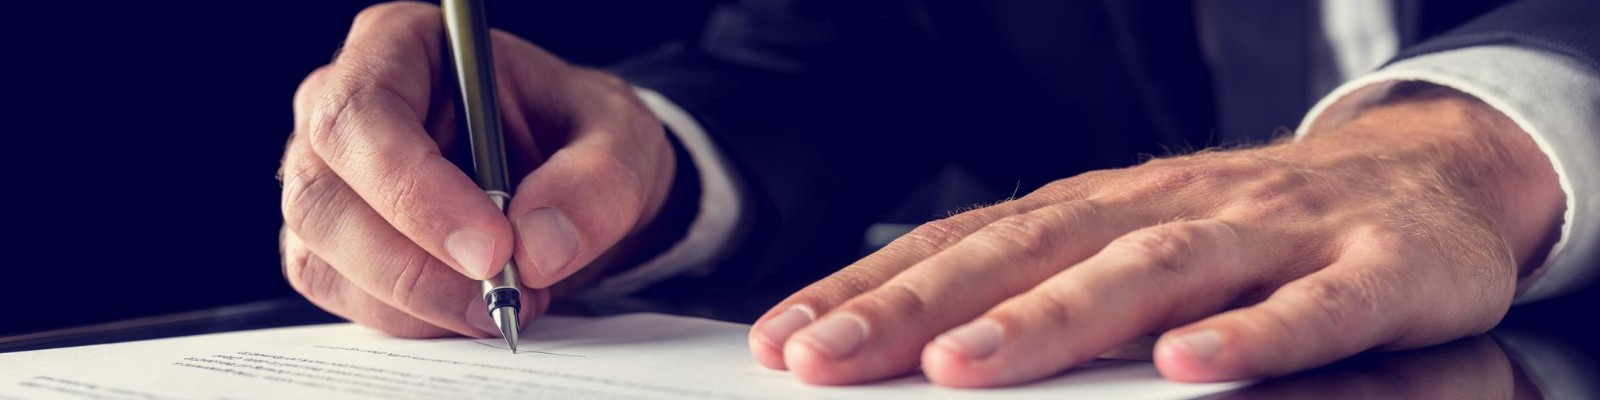 {:uk}Обов'язкове страхування відповідальності нотаріусів{:}{:ru}Обязательное страхование ответственности нотариусов{:}